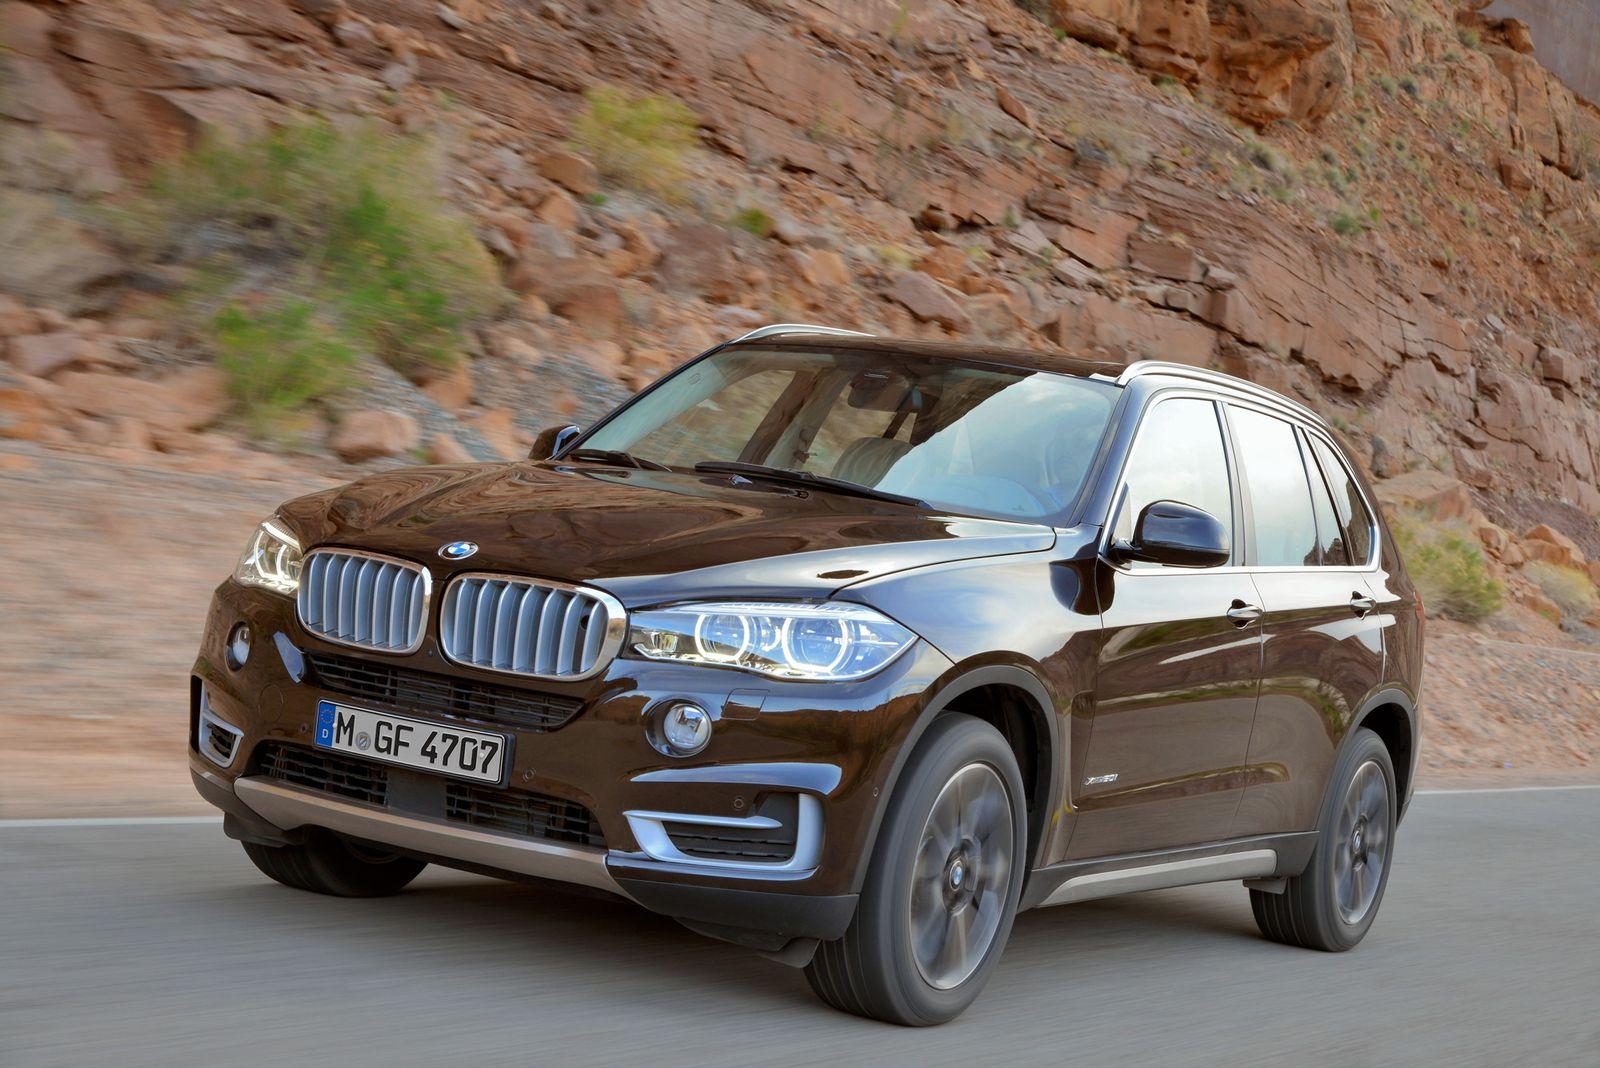 2014 / BMW X5 / USA